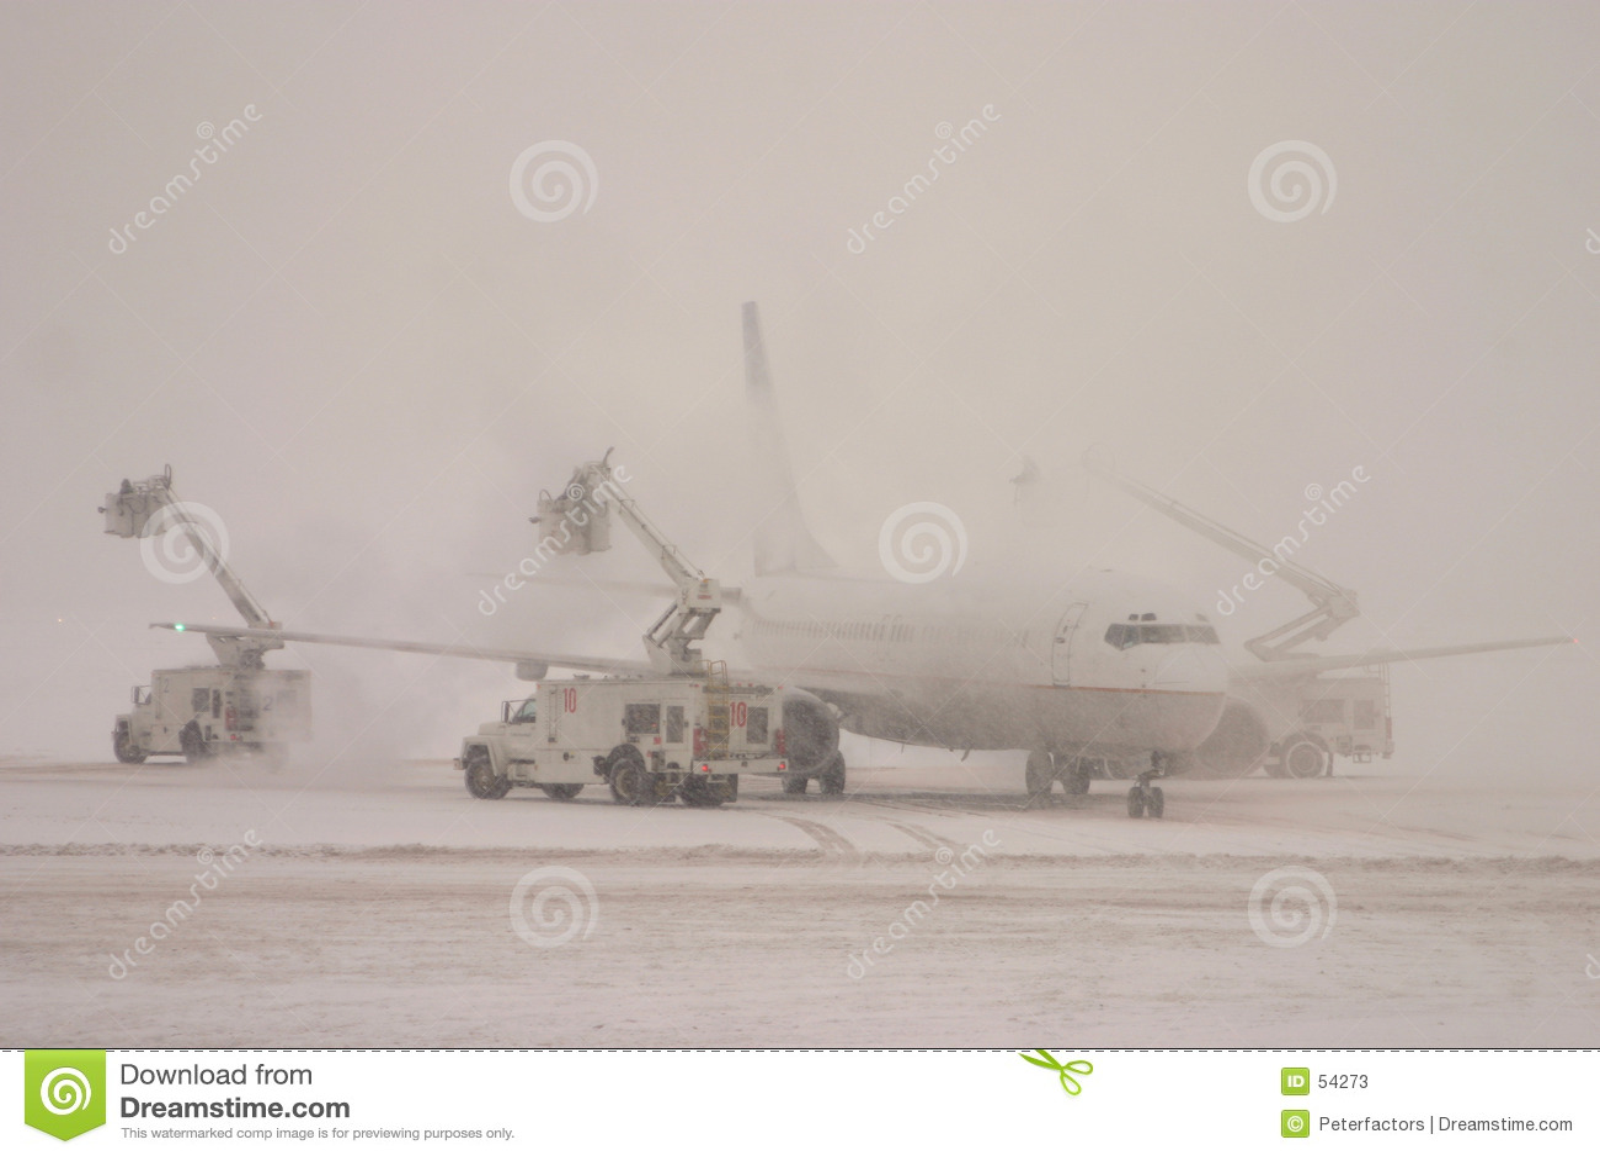 Het ontijzelen vliegtuig